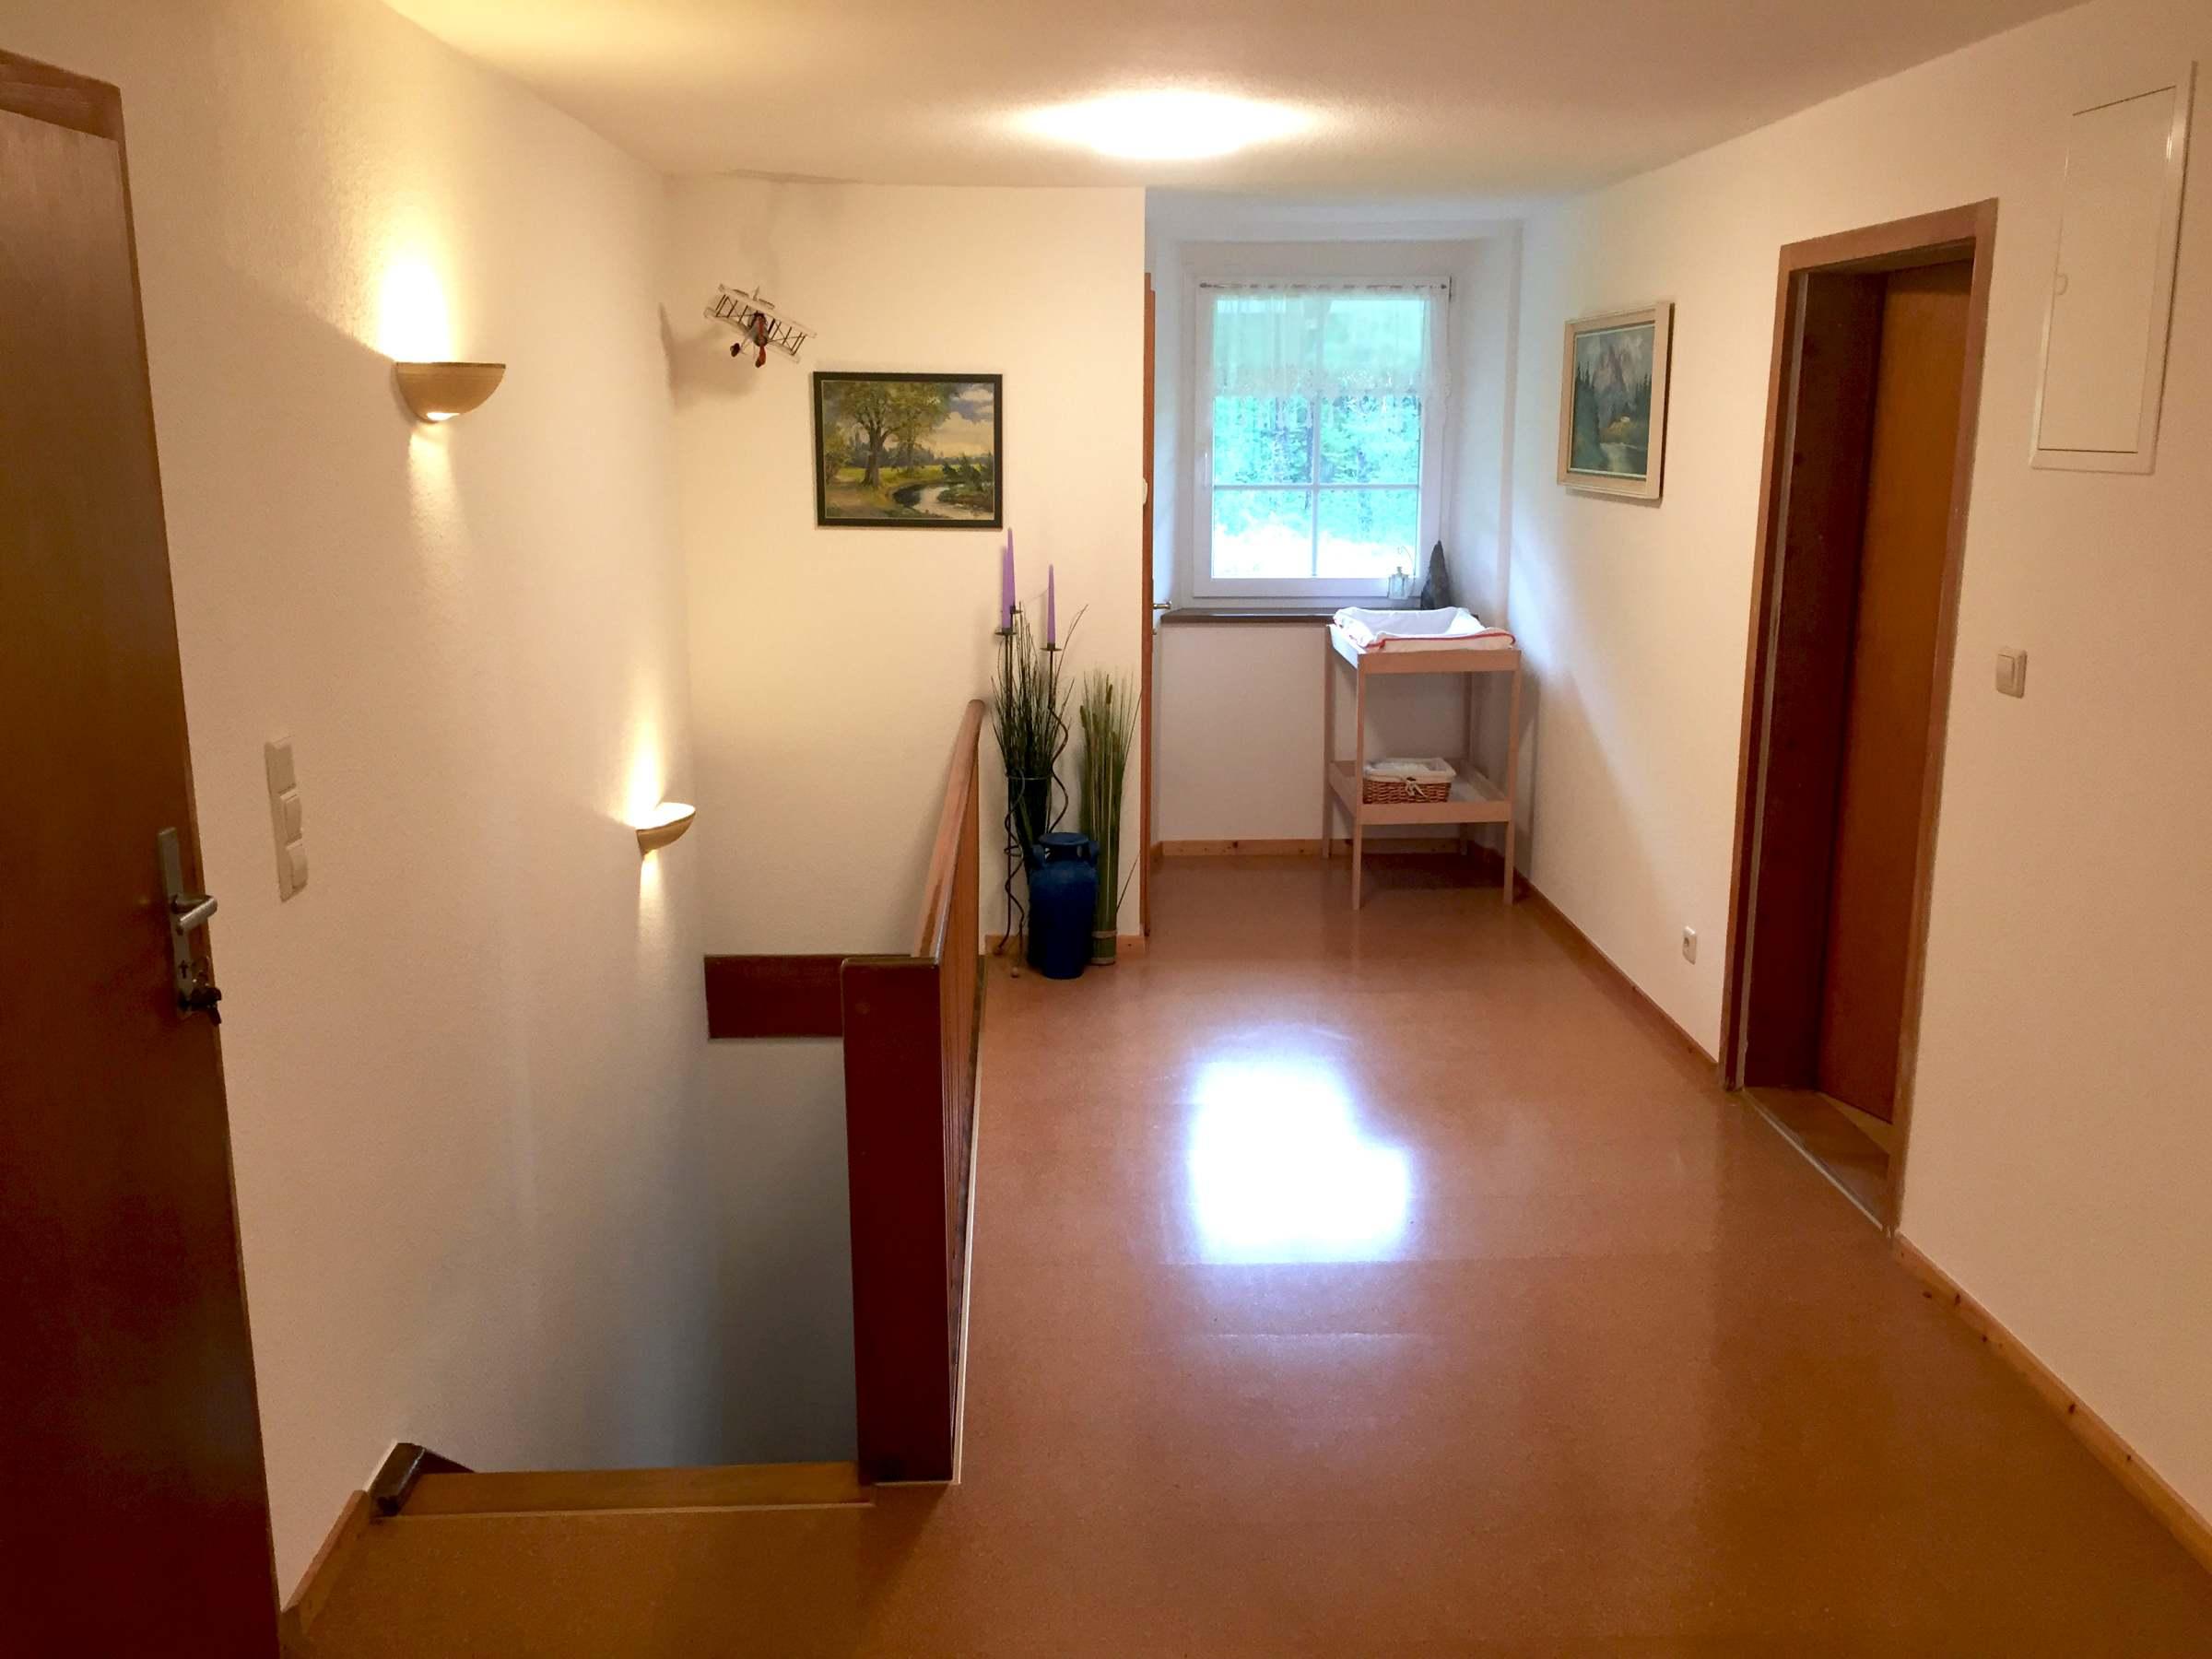 Ferienwohnung Storzenhof, (Unterkirnach). Ferienwohnung, 140qm, 3 Schlafzimmer, max. 8 Personen (2790199), Unterkirnach, Schwarzwald, Baden-Württemberg, Deutschland, Bild 43